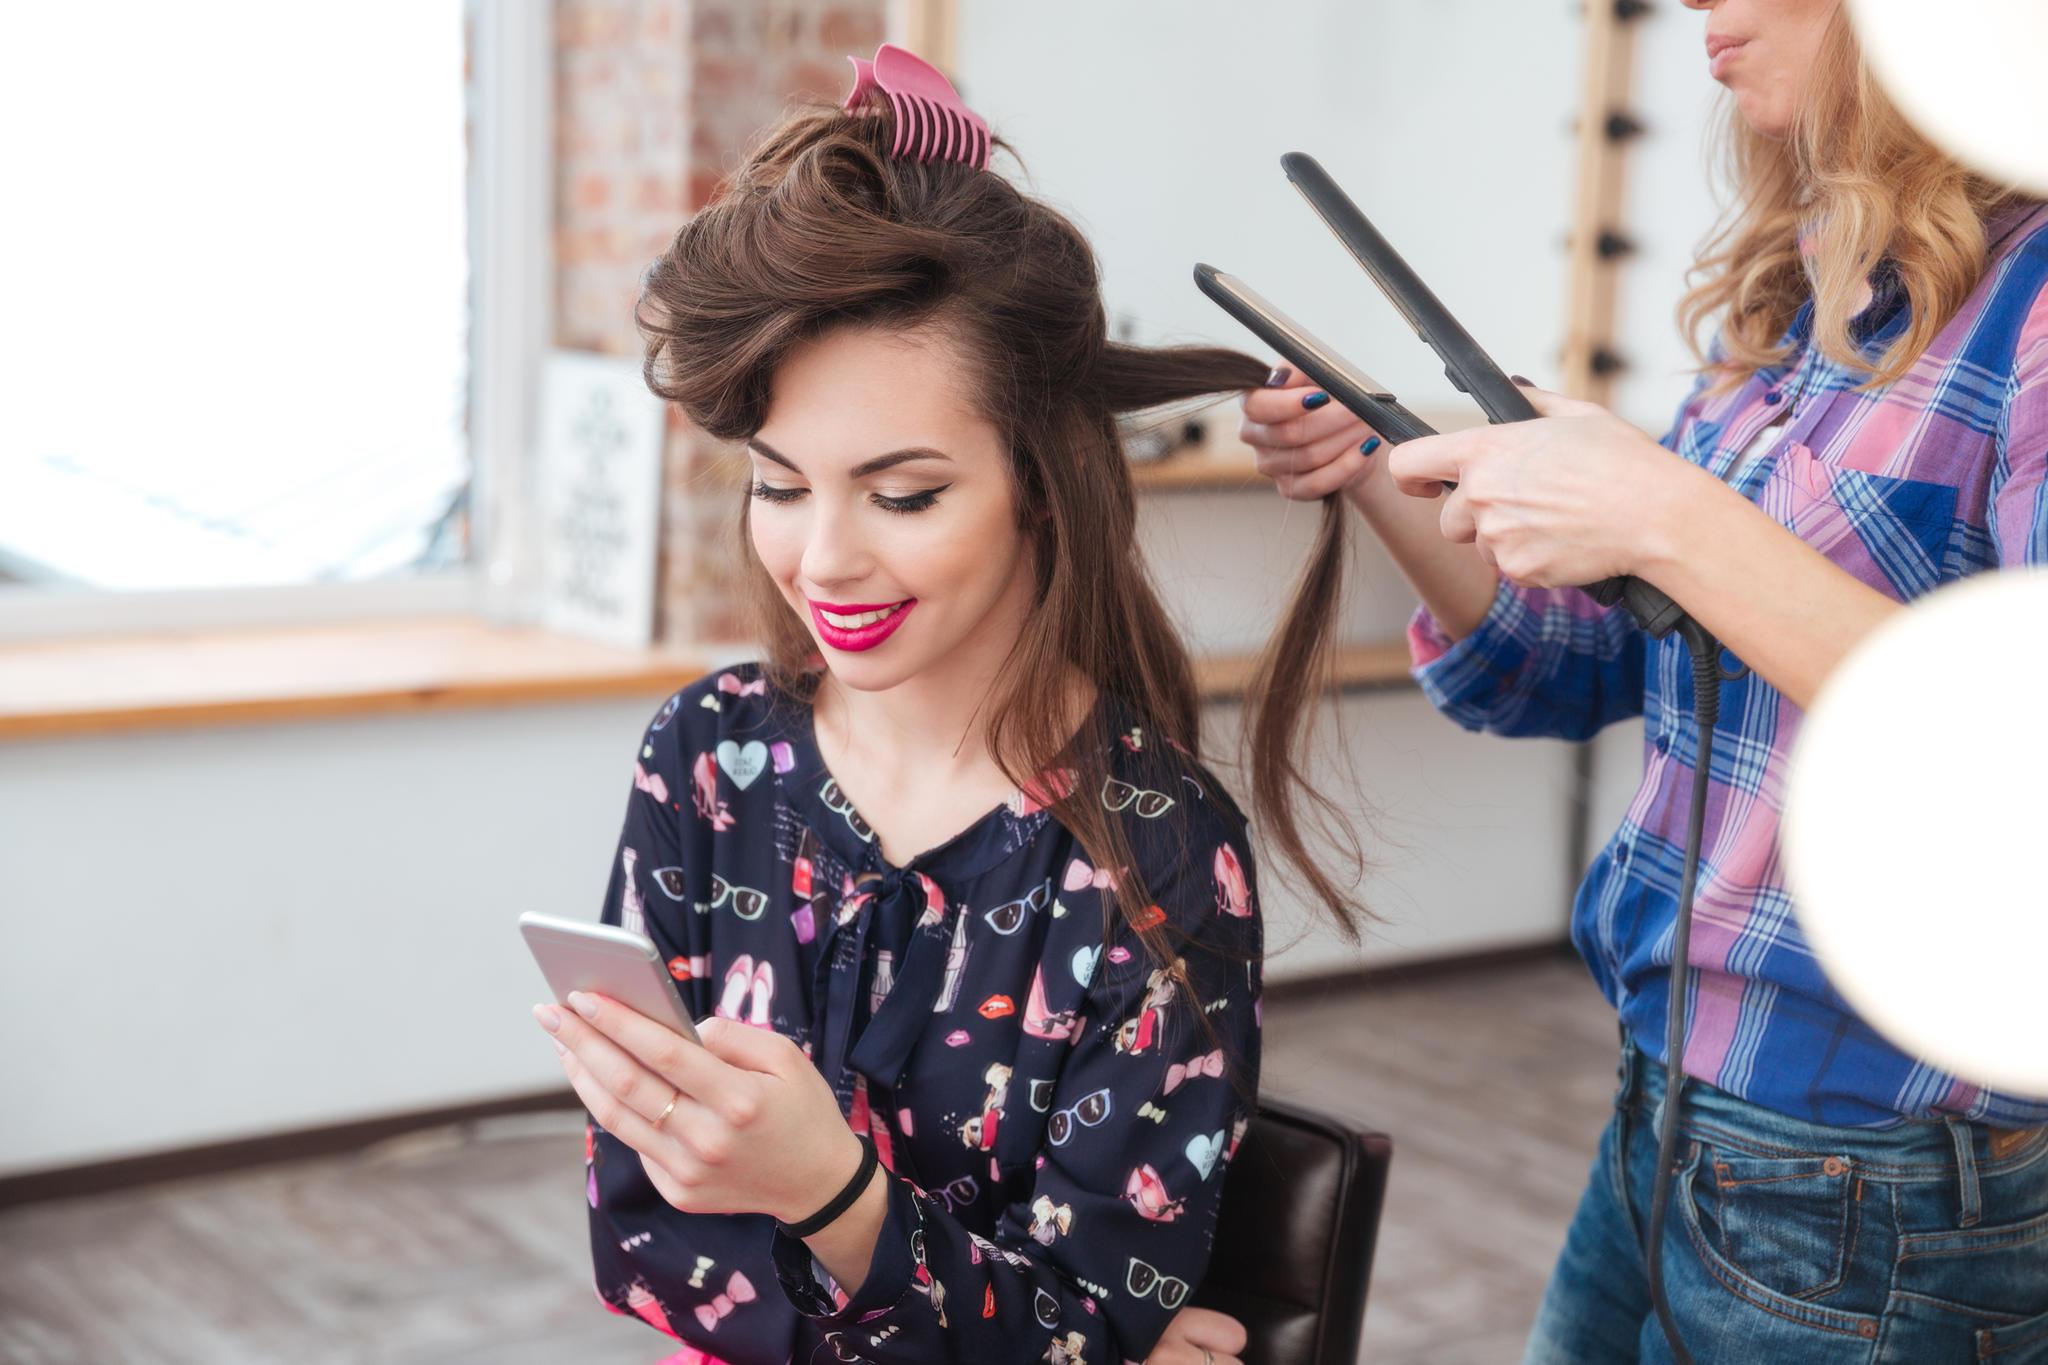 Ist das der hässlichste Haarschnitt aller Zeiten?